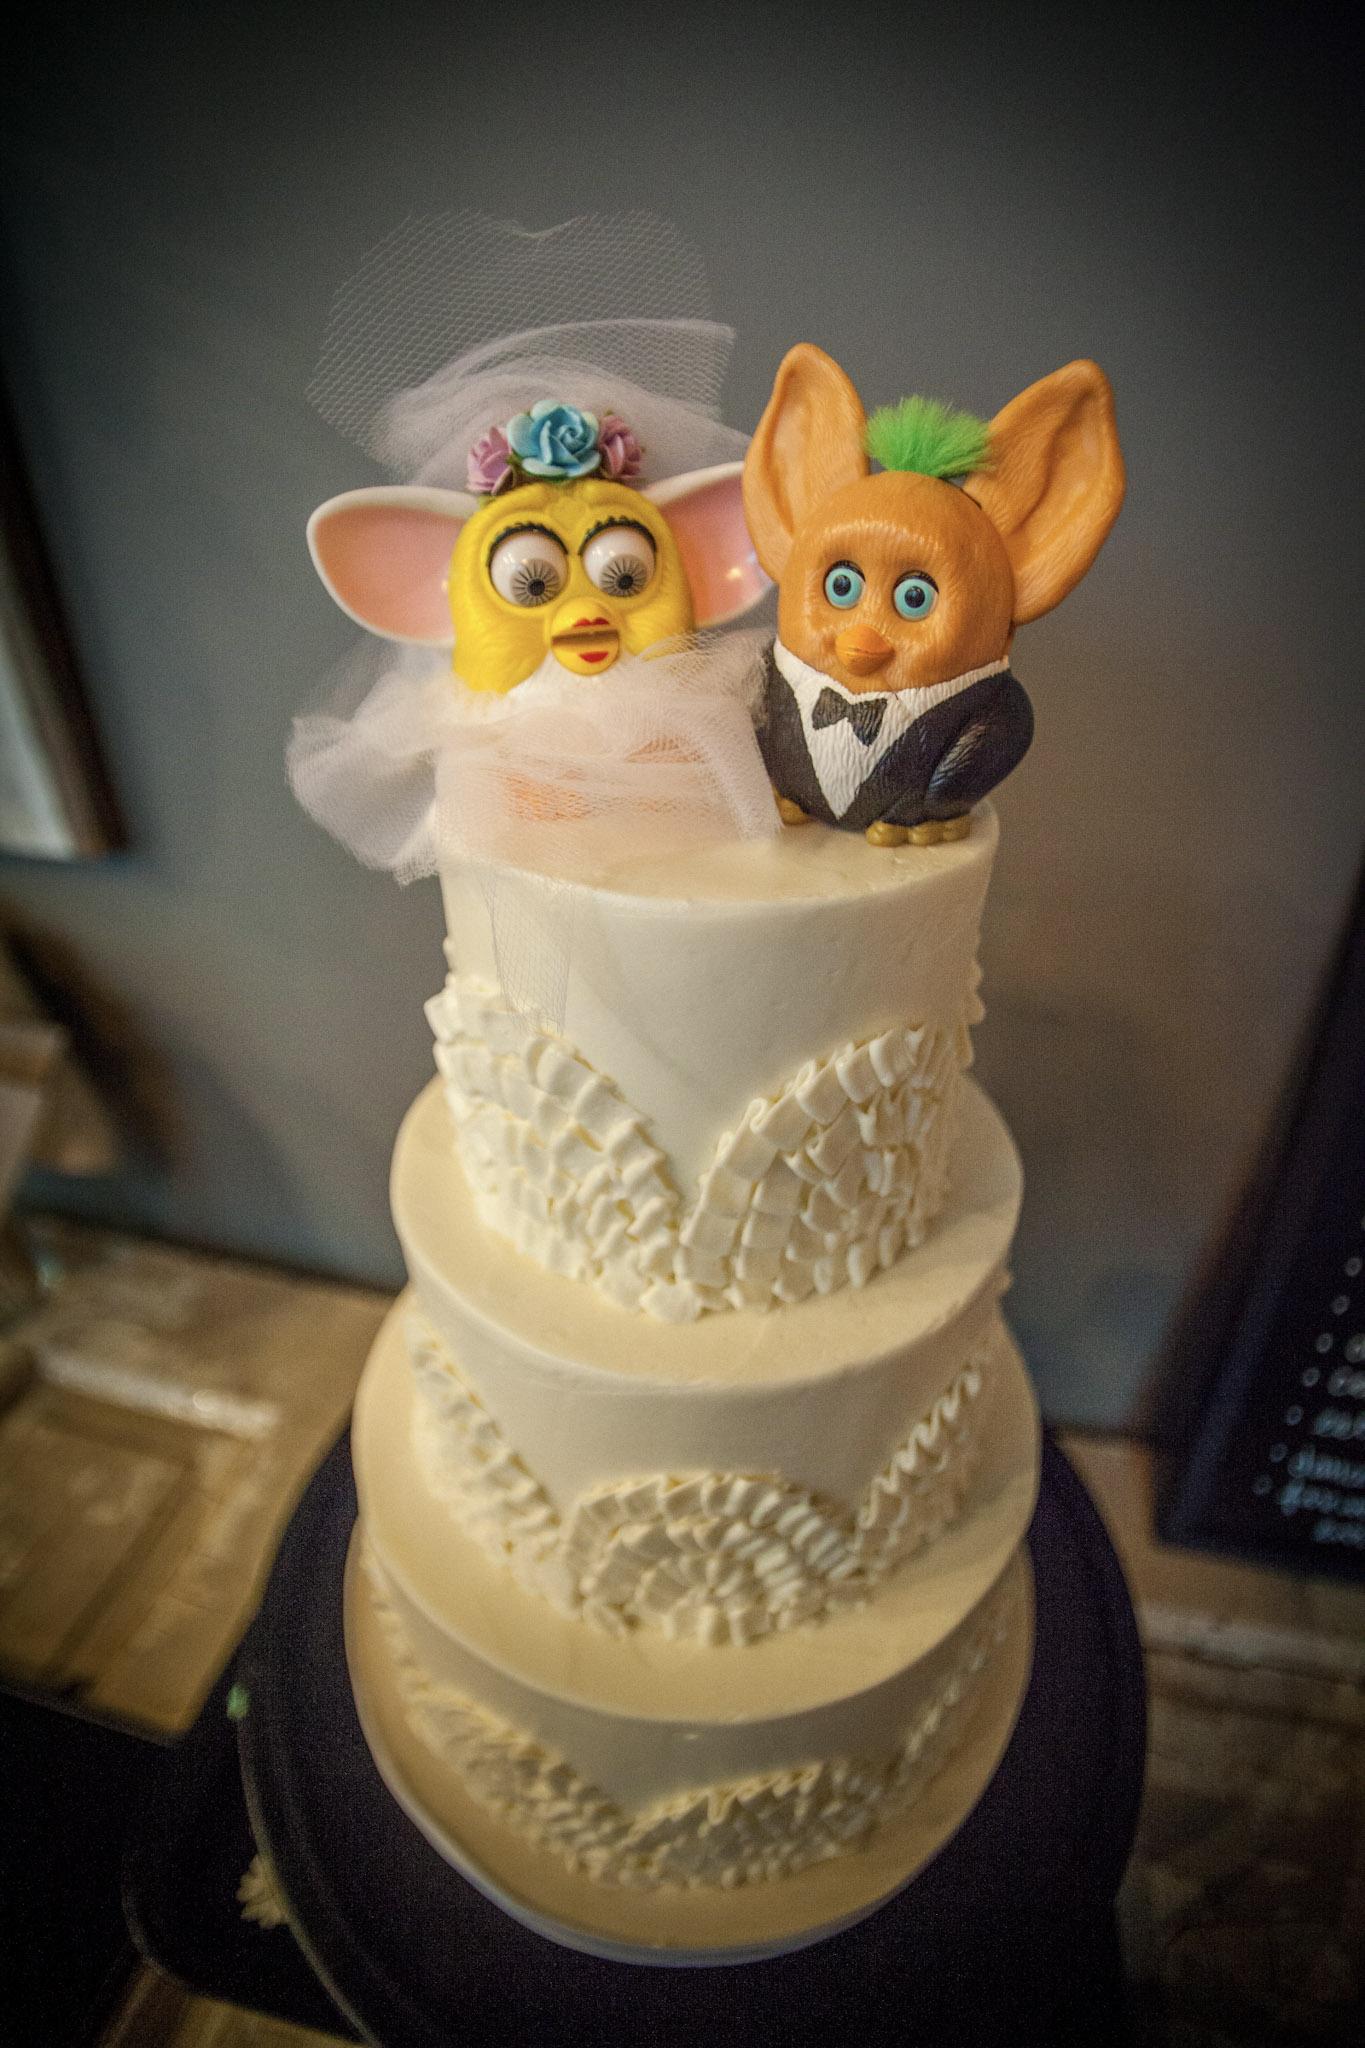 Kansas_City_Intimate_Small_Budget_Wedding_Venue_Megan & Jeff-193.jpg